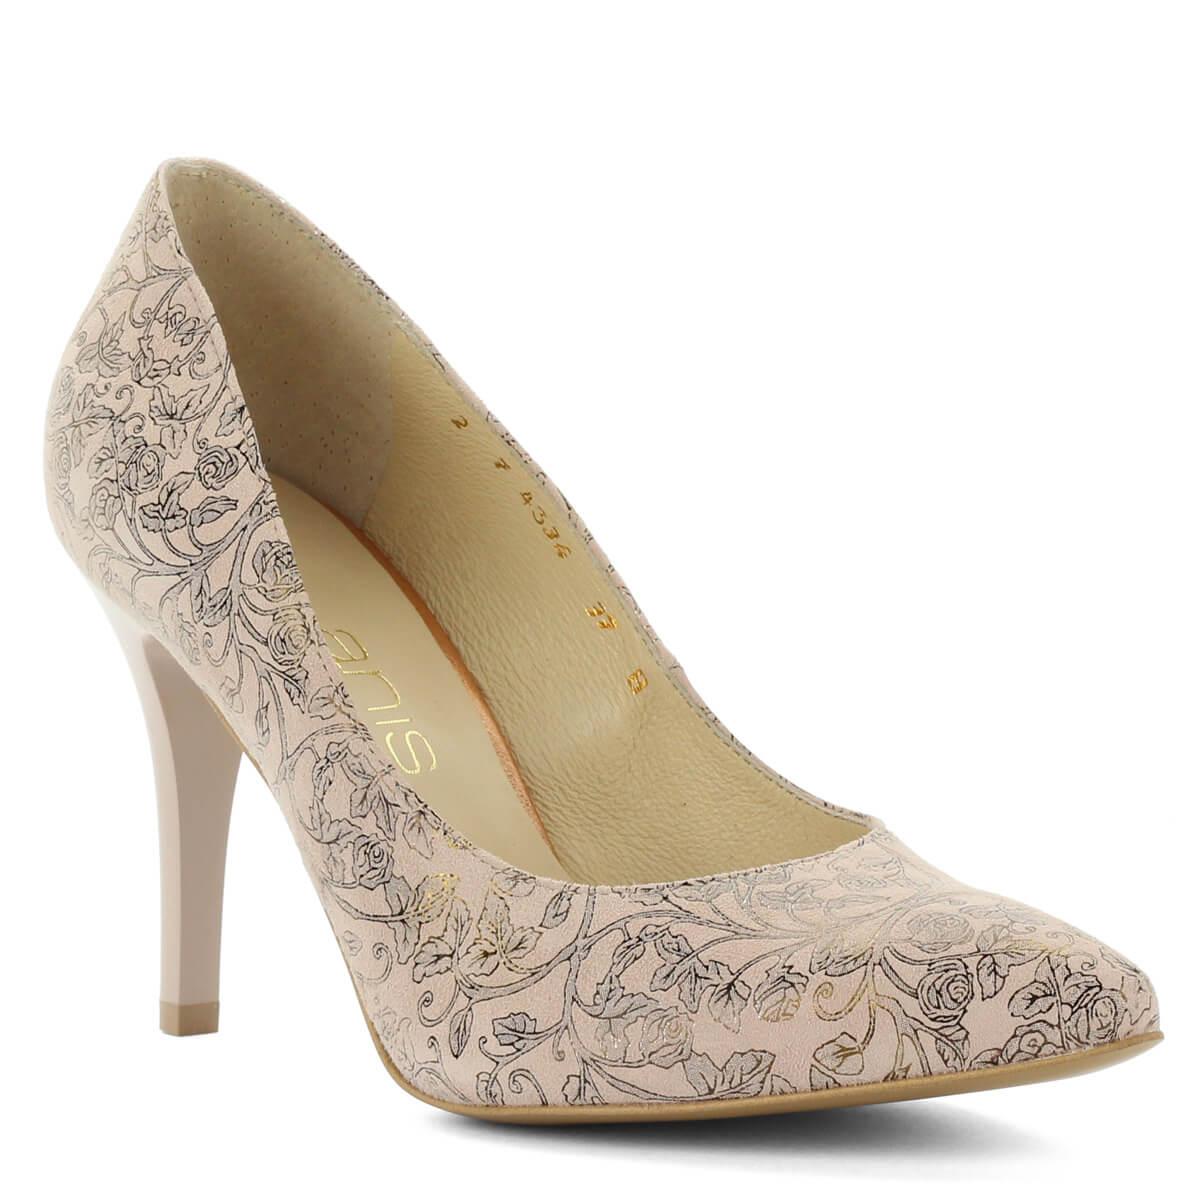 Virágmintás Anis magassarkú bőr cipő. Különleges mintájú felsőrésszel  készült. Kívül belül bőr 827b773ab5